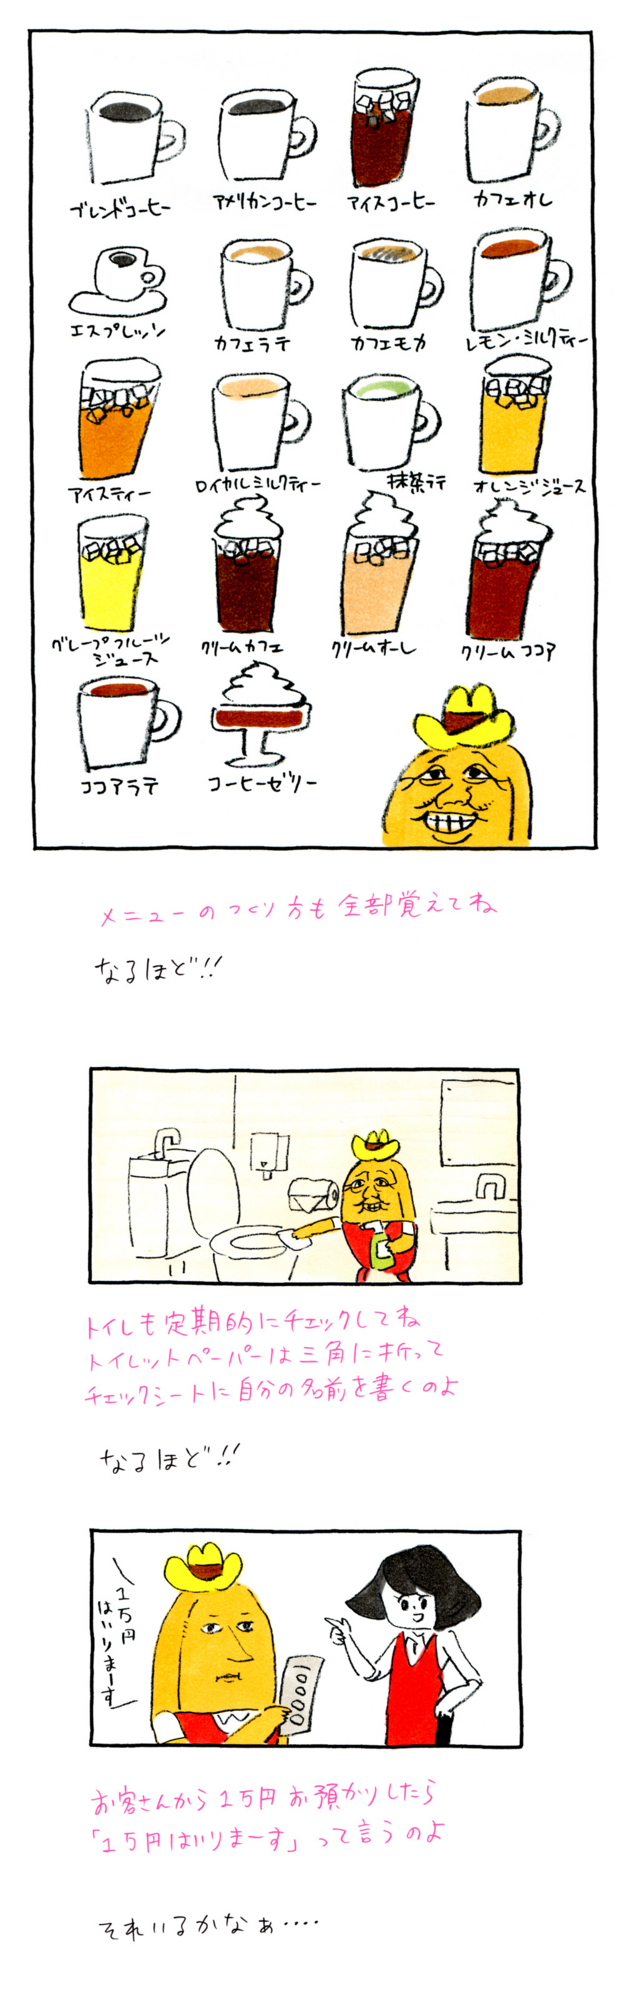 f:id:kakijiro:20151124102054j:plain